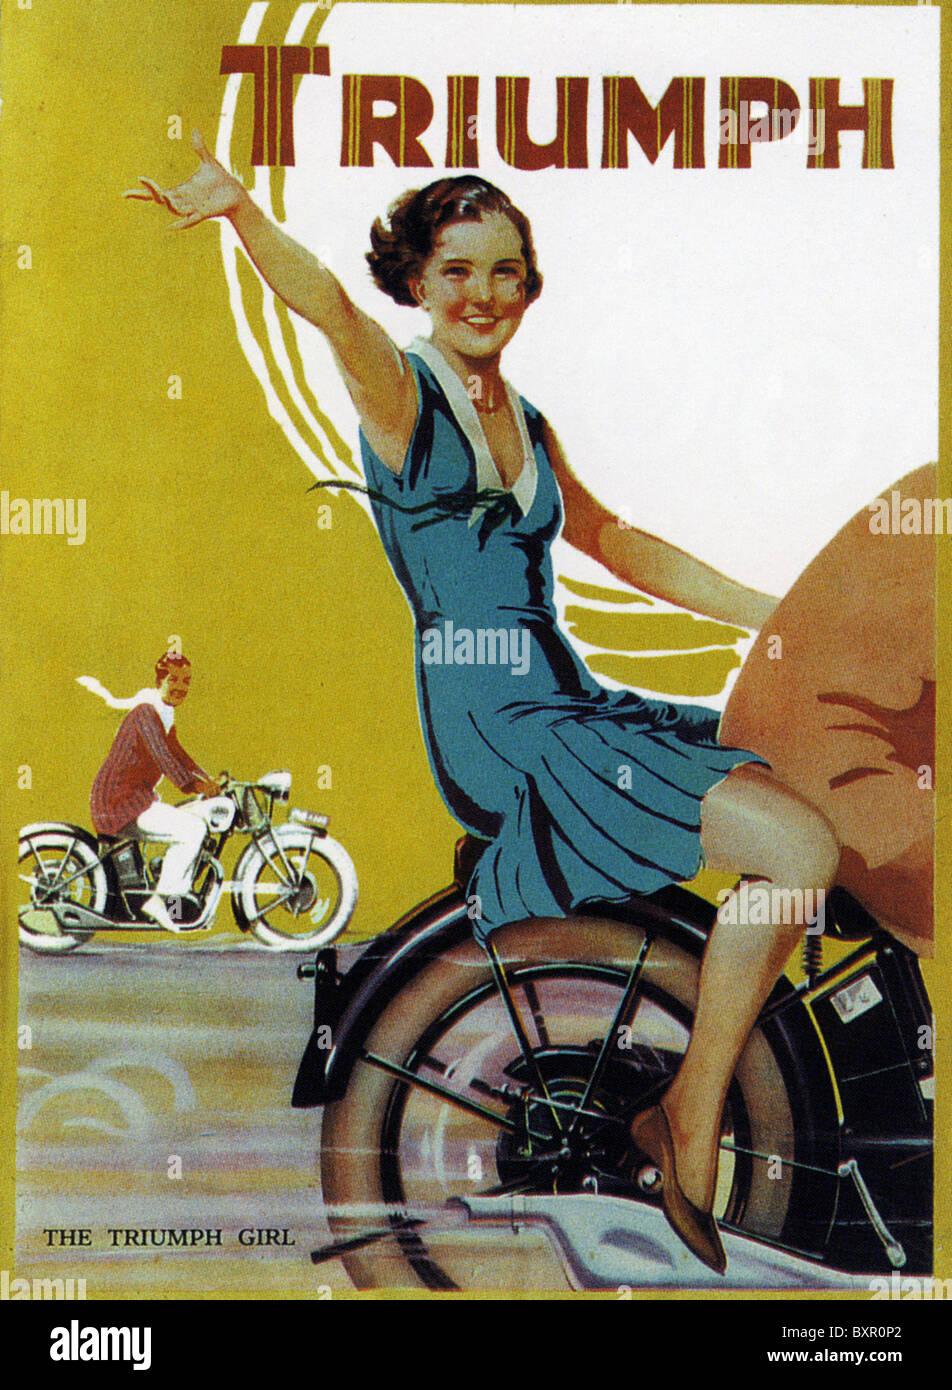 Trionfo motociclo annuncio 1931 Immagini Stock